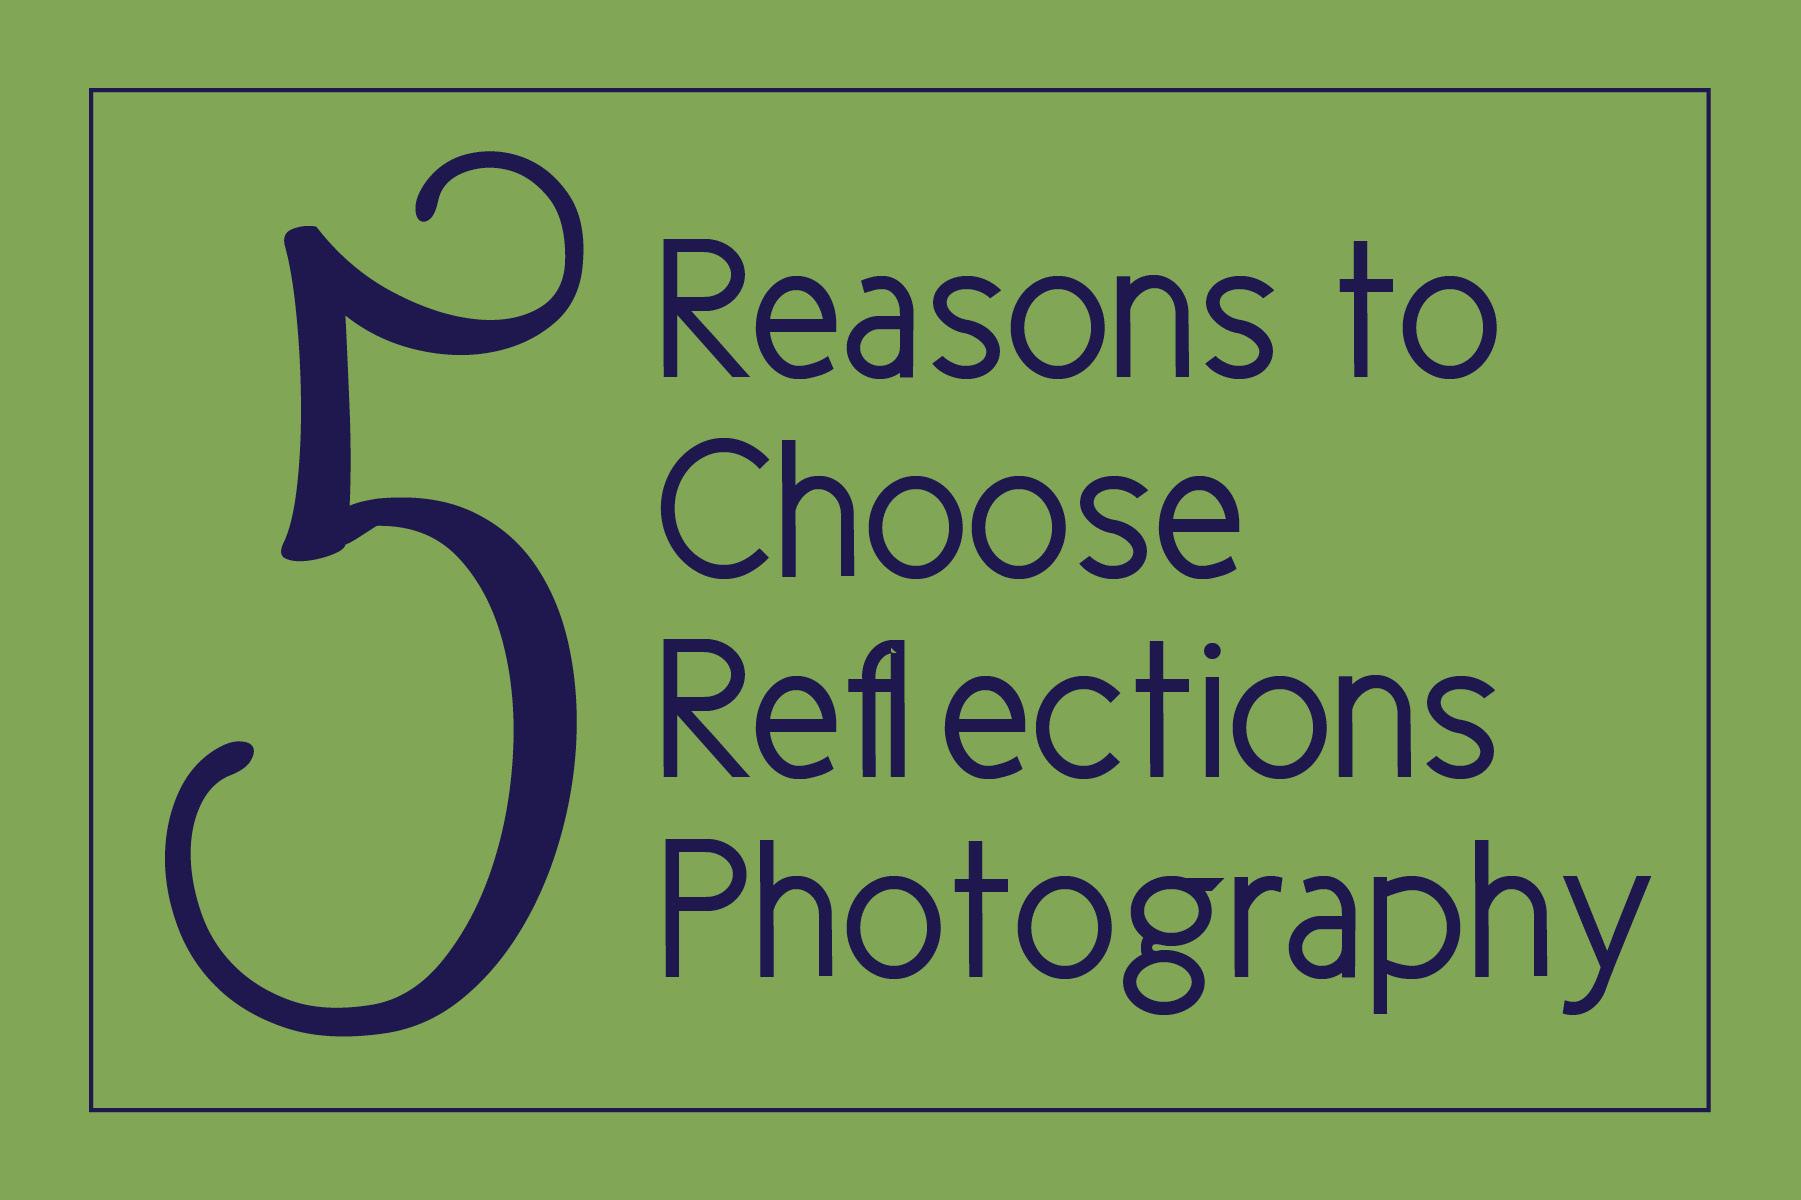 reasons to choose.jpg